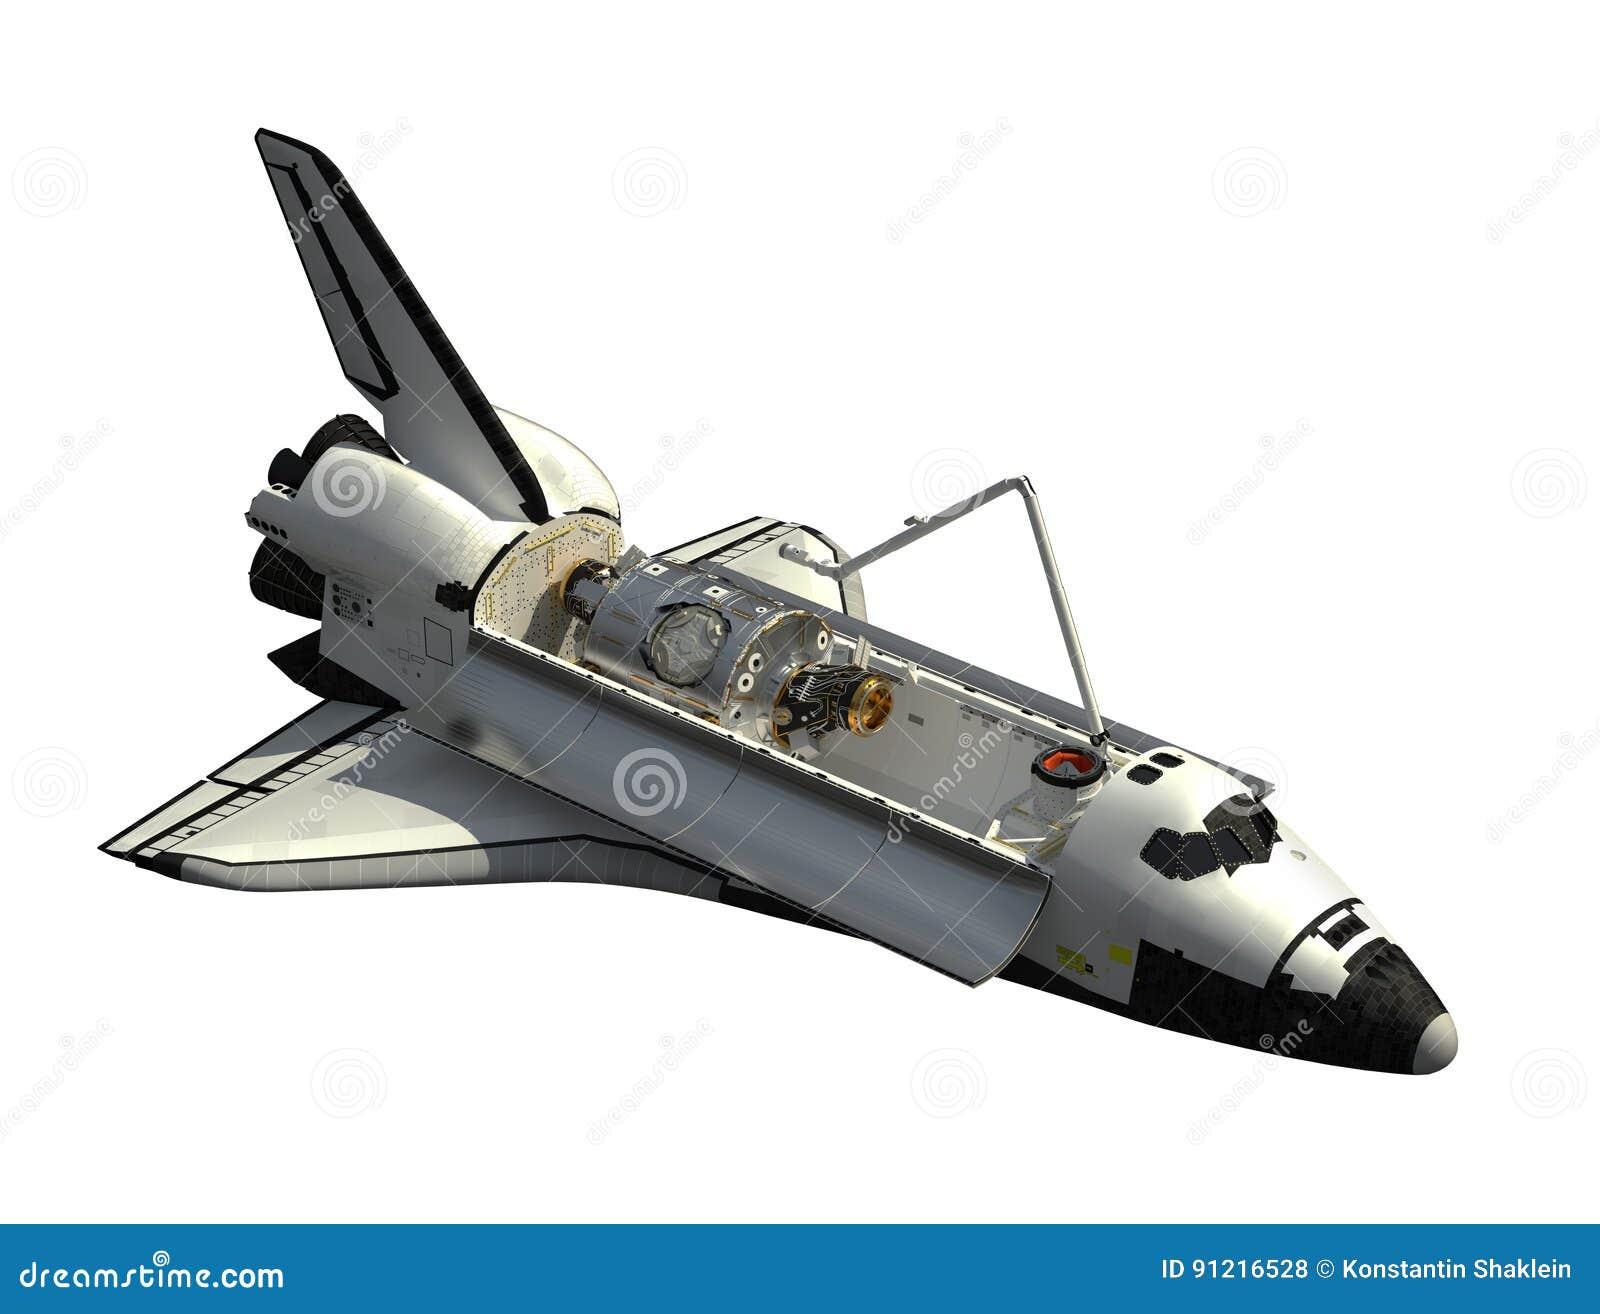 Space Shuttle Orbiter On White Background